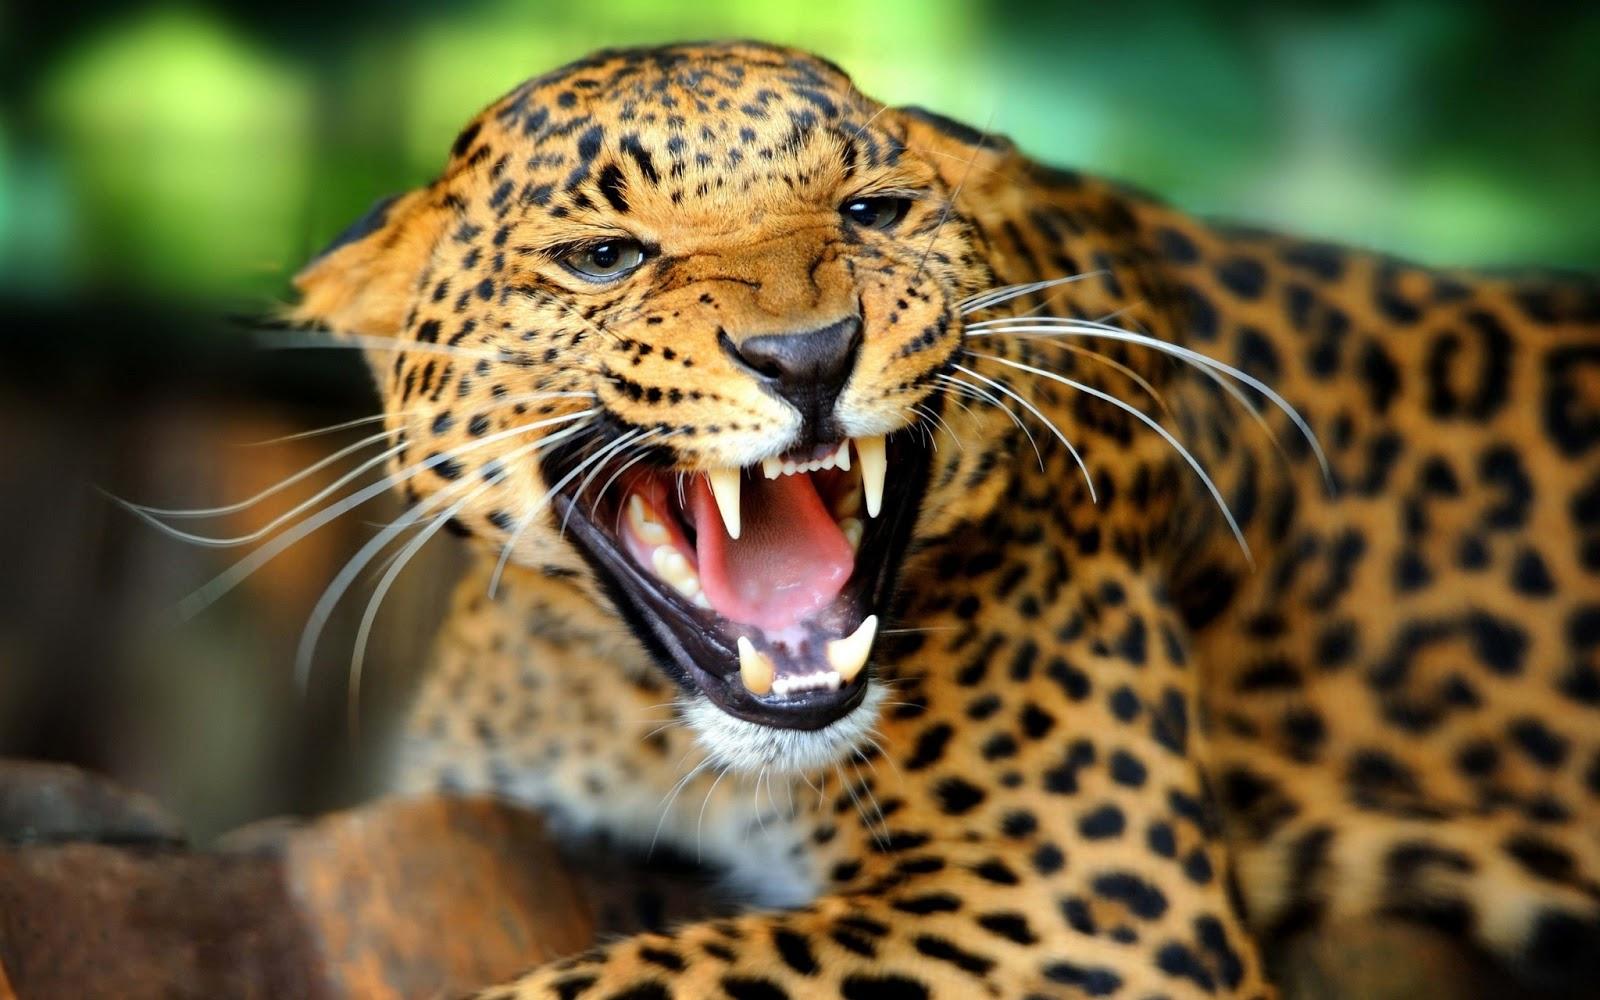 Animales Salvajes En Peligro De Extincion